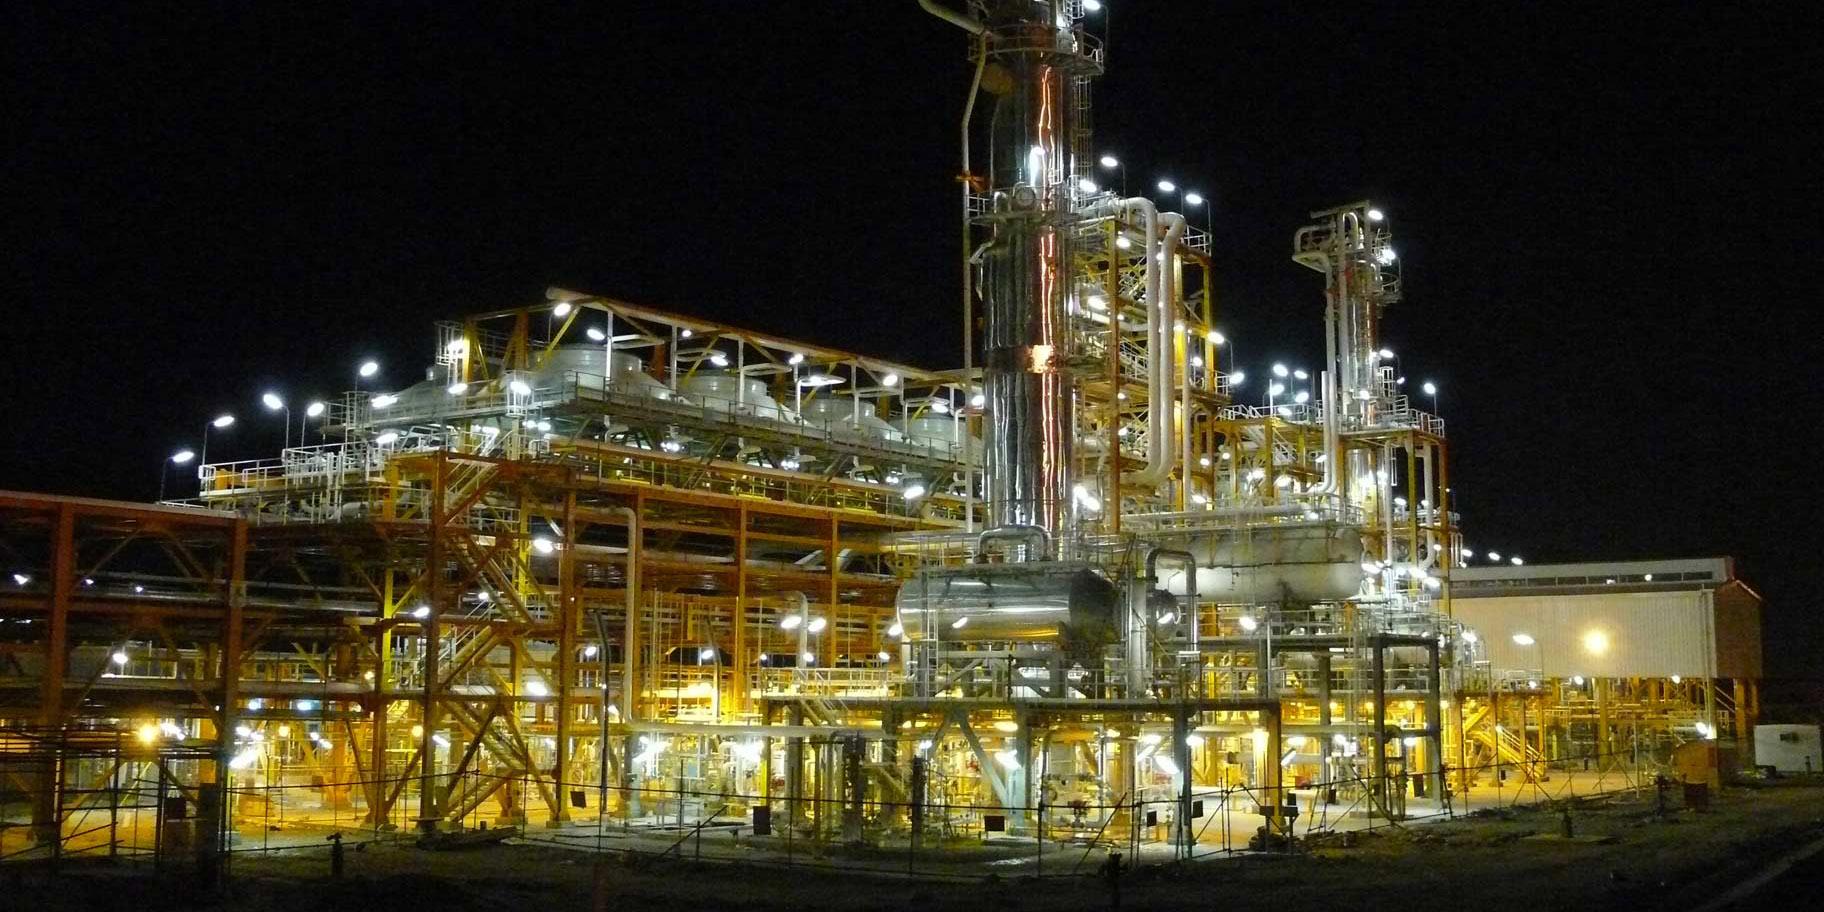 امضا نخستین قرارداد جدید نفتی با یک شرکت ایرانی